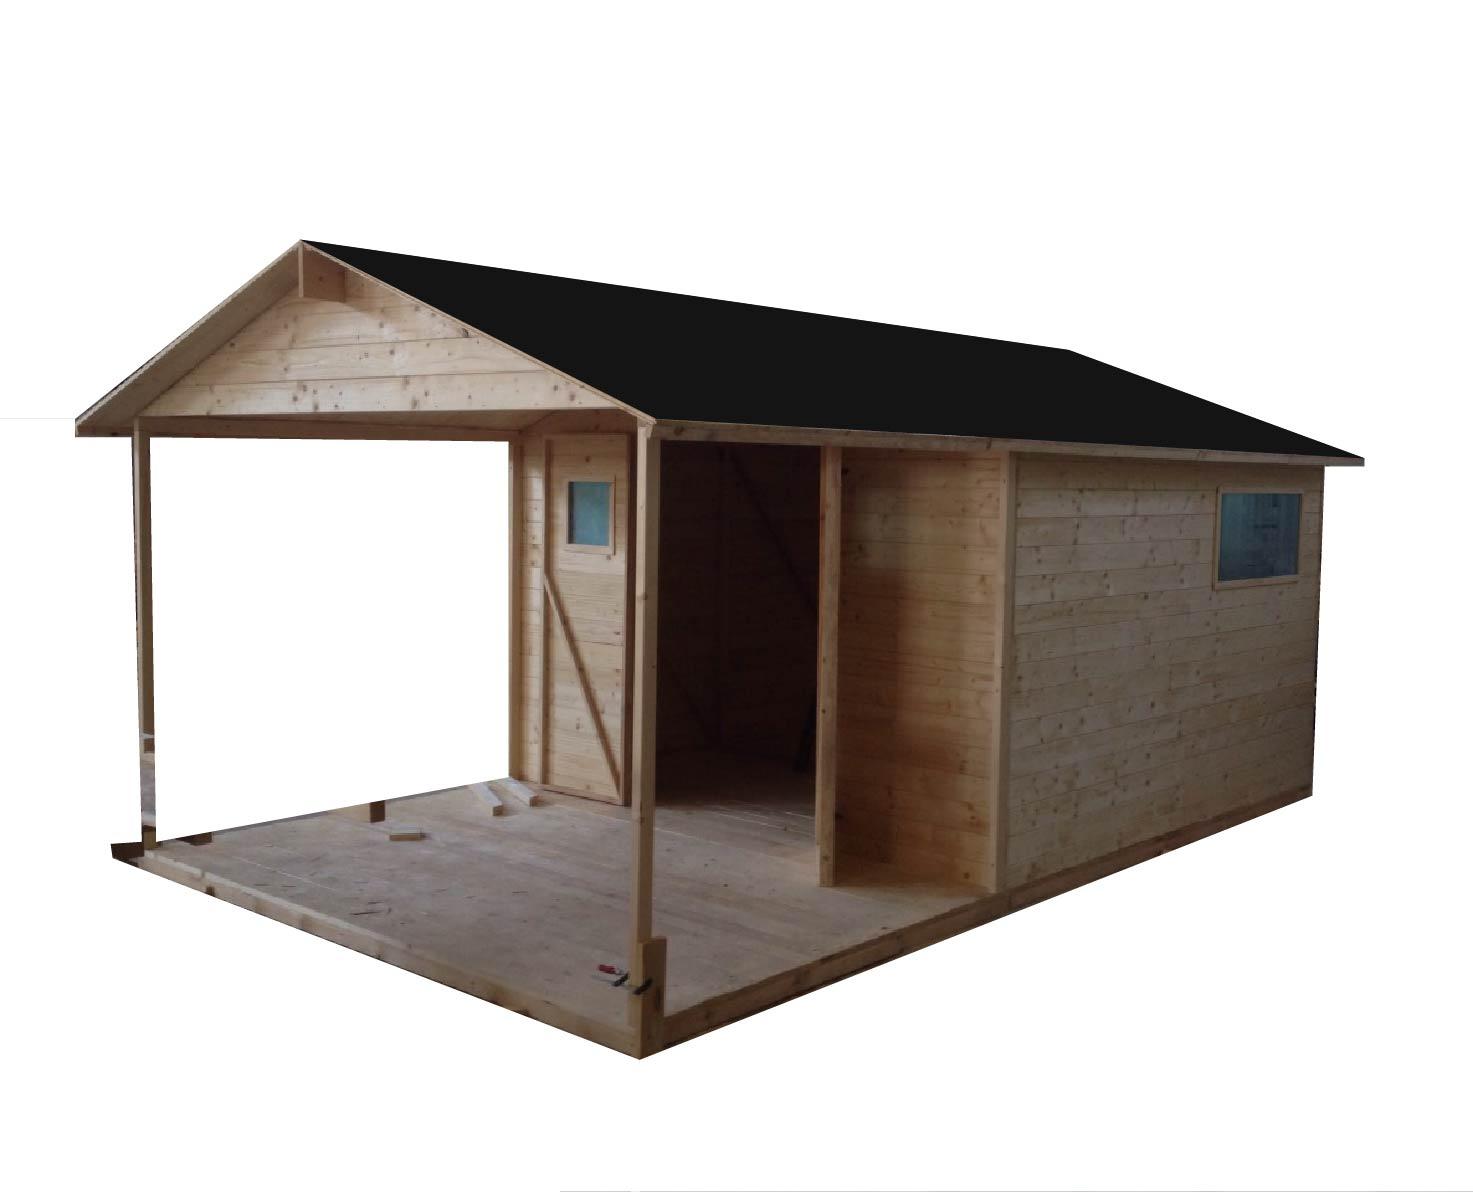 Zahradní dřevěný domek MAD s terasou 15m2, 19mm, s okny